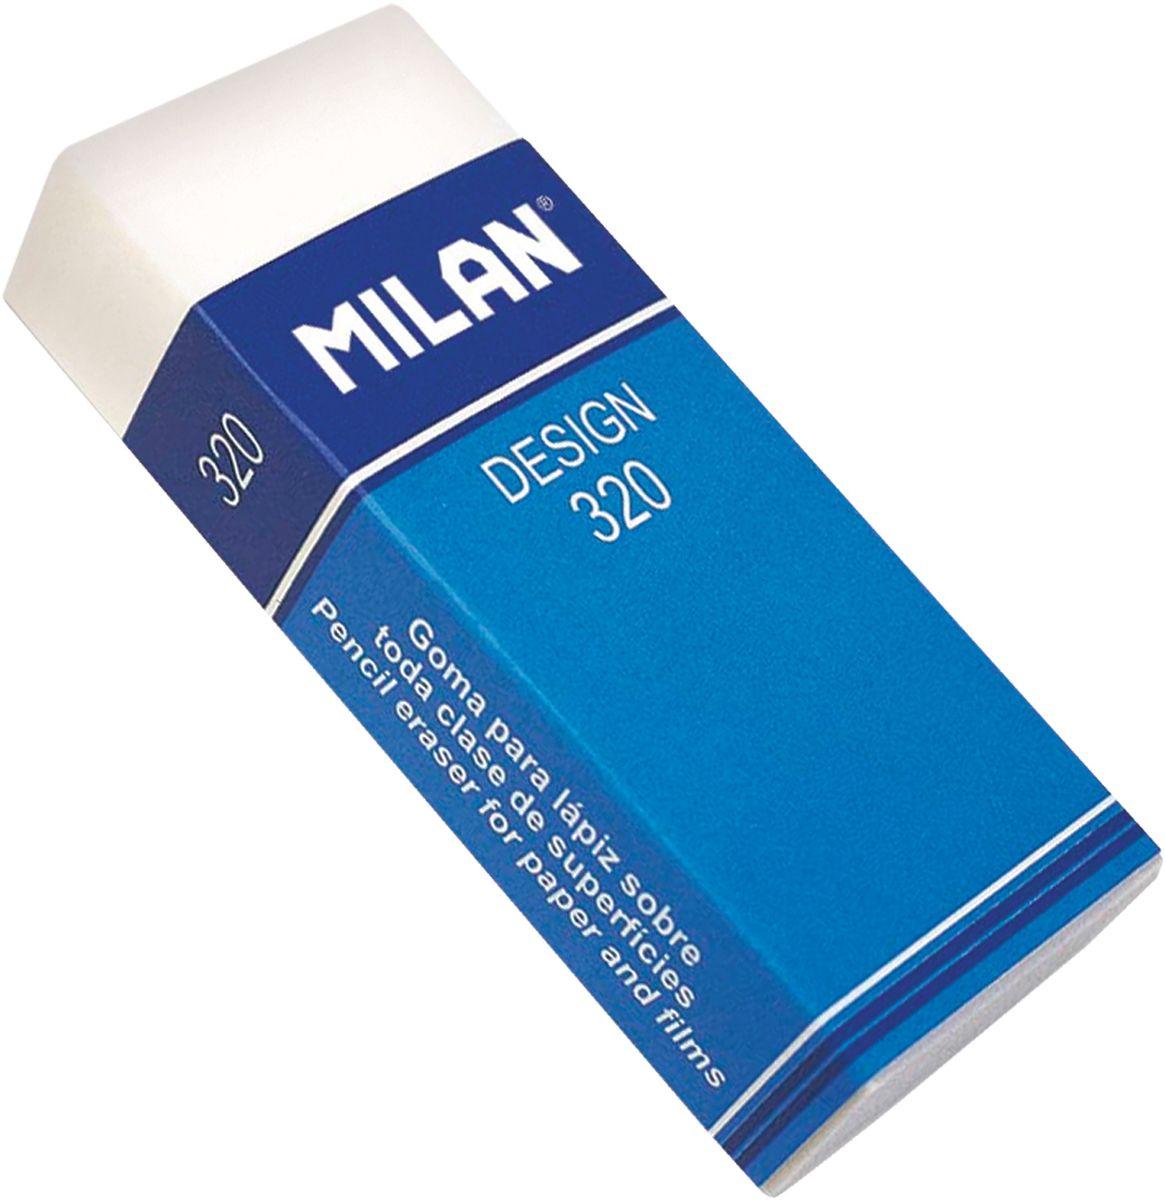 Milan Ластик Design 320 прямоугольныйCPM320Ластик Milan Design 320 - это синтетический ластик широкого спектра применения в области дизайна и графики, конструкторских работ, архитектурных проектов. Картонный держатель, высокие функциональные свойства.